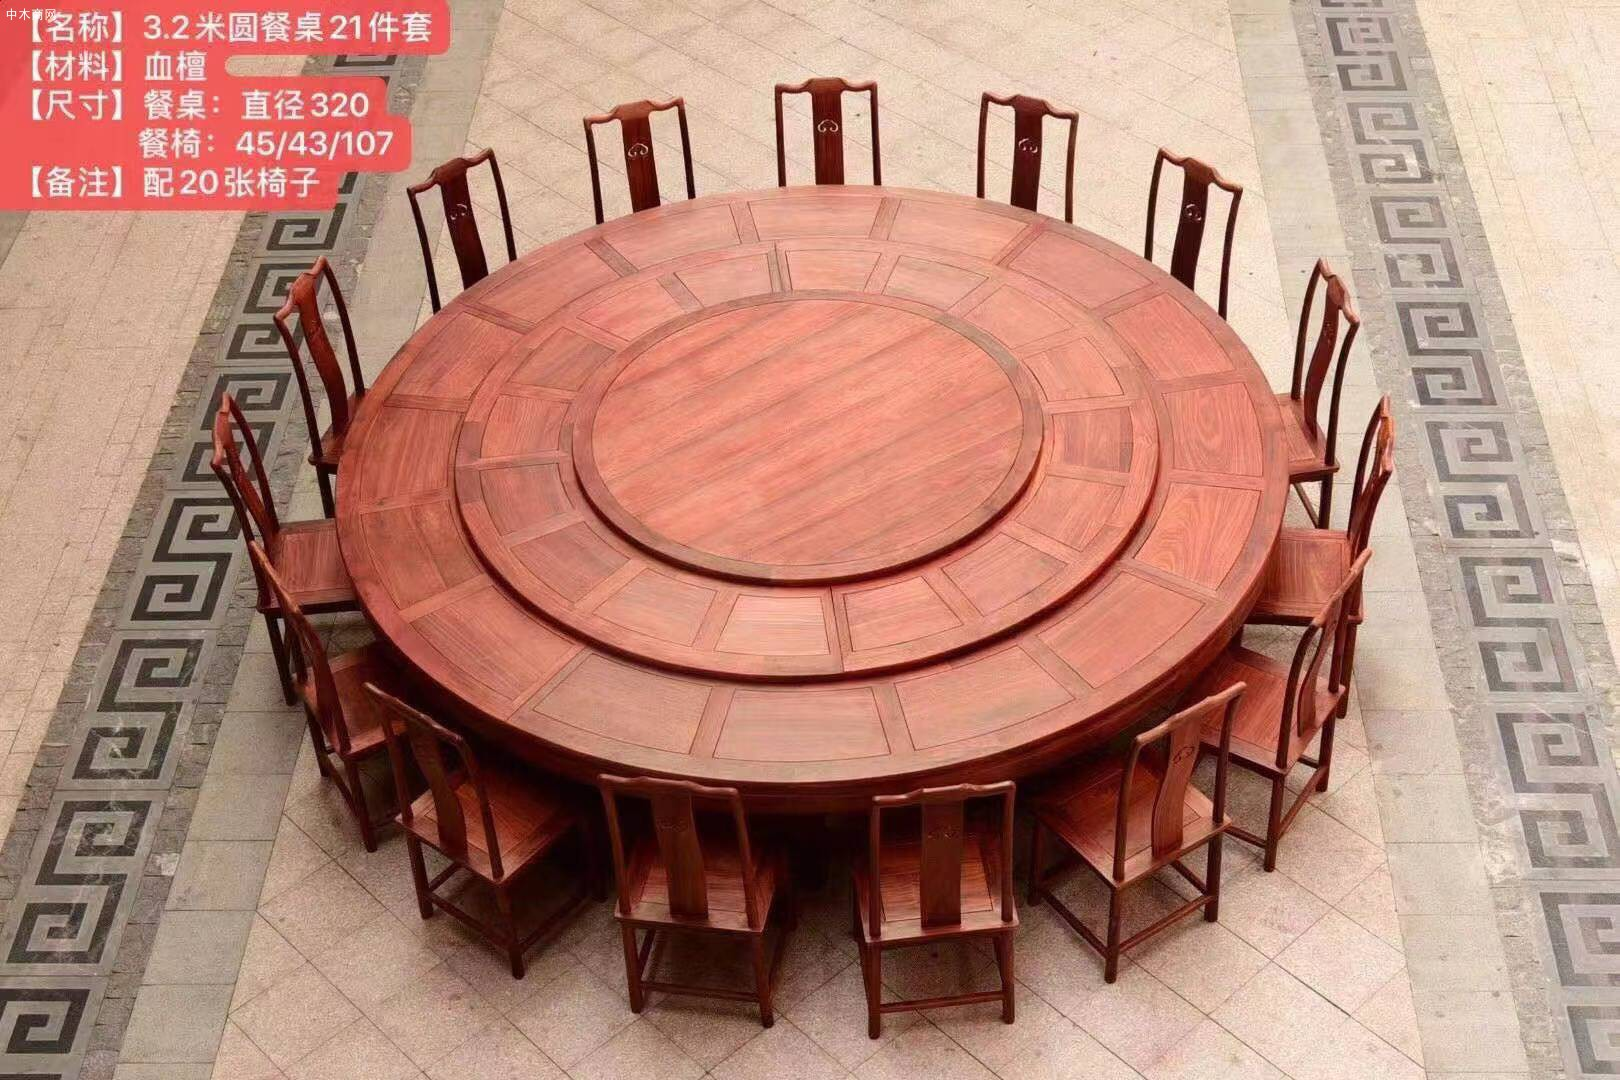 3.2米血檀圆餐桌21件套高清图片厂家